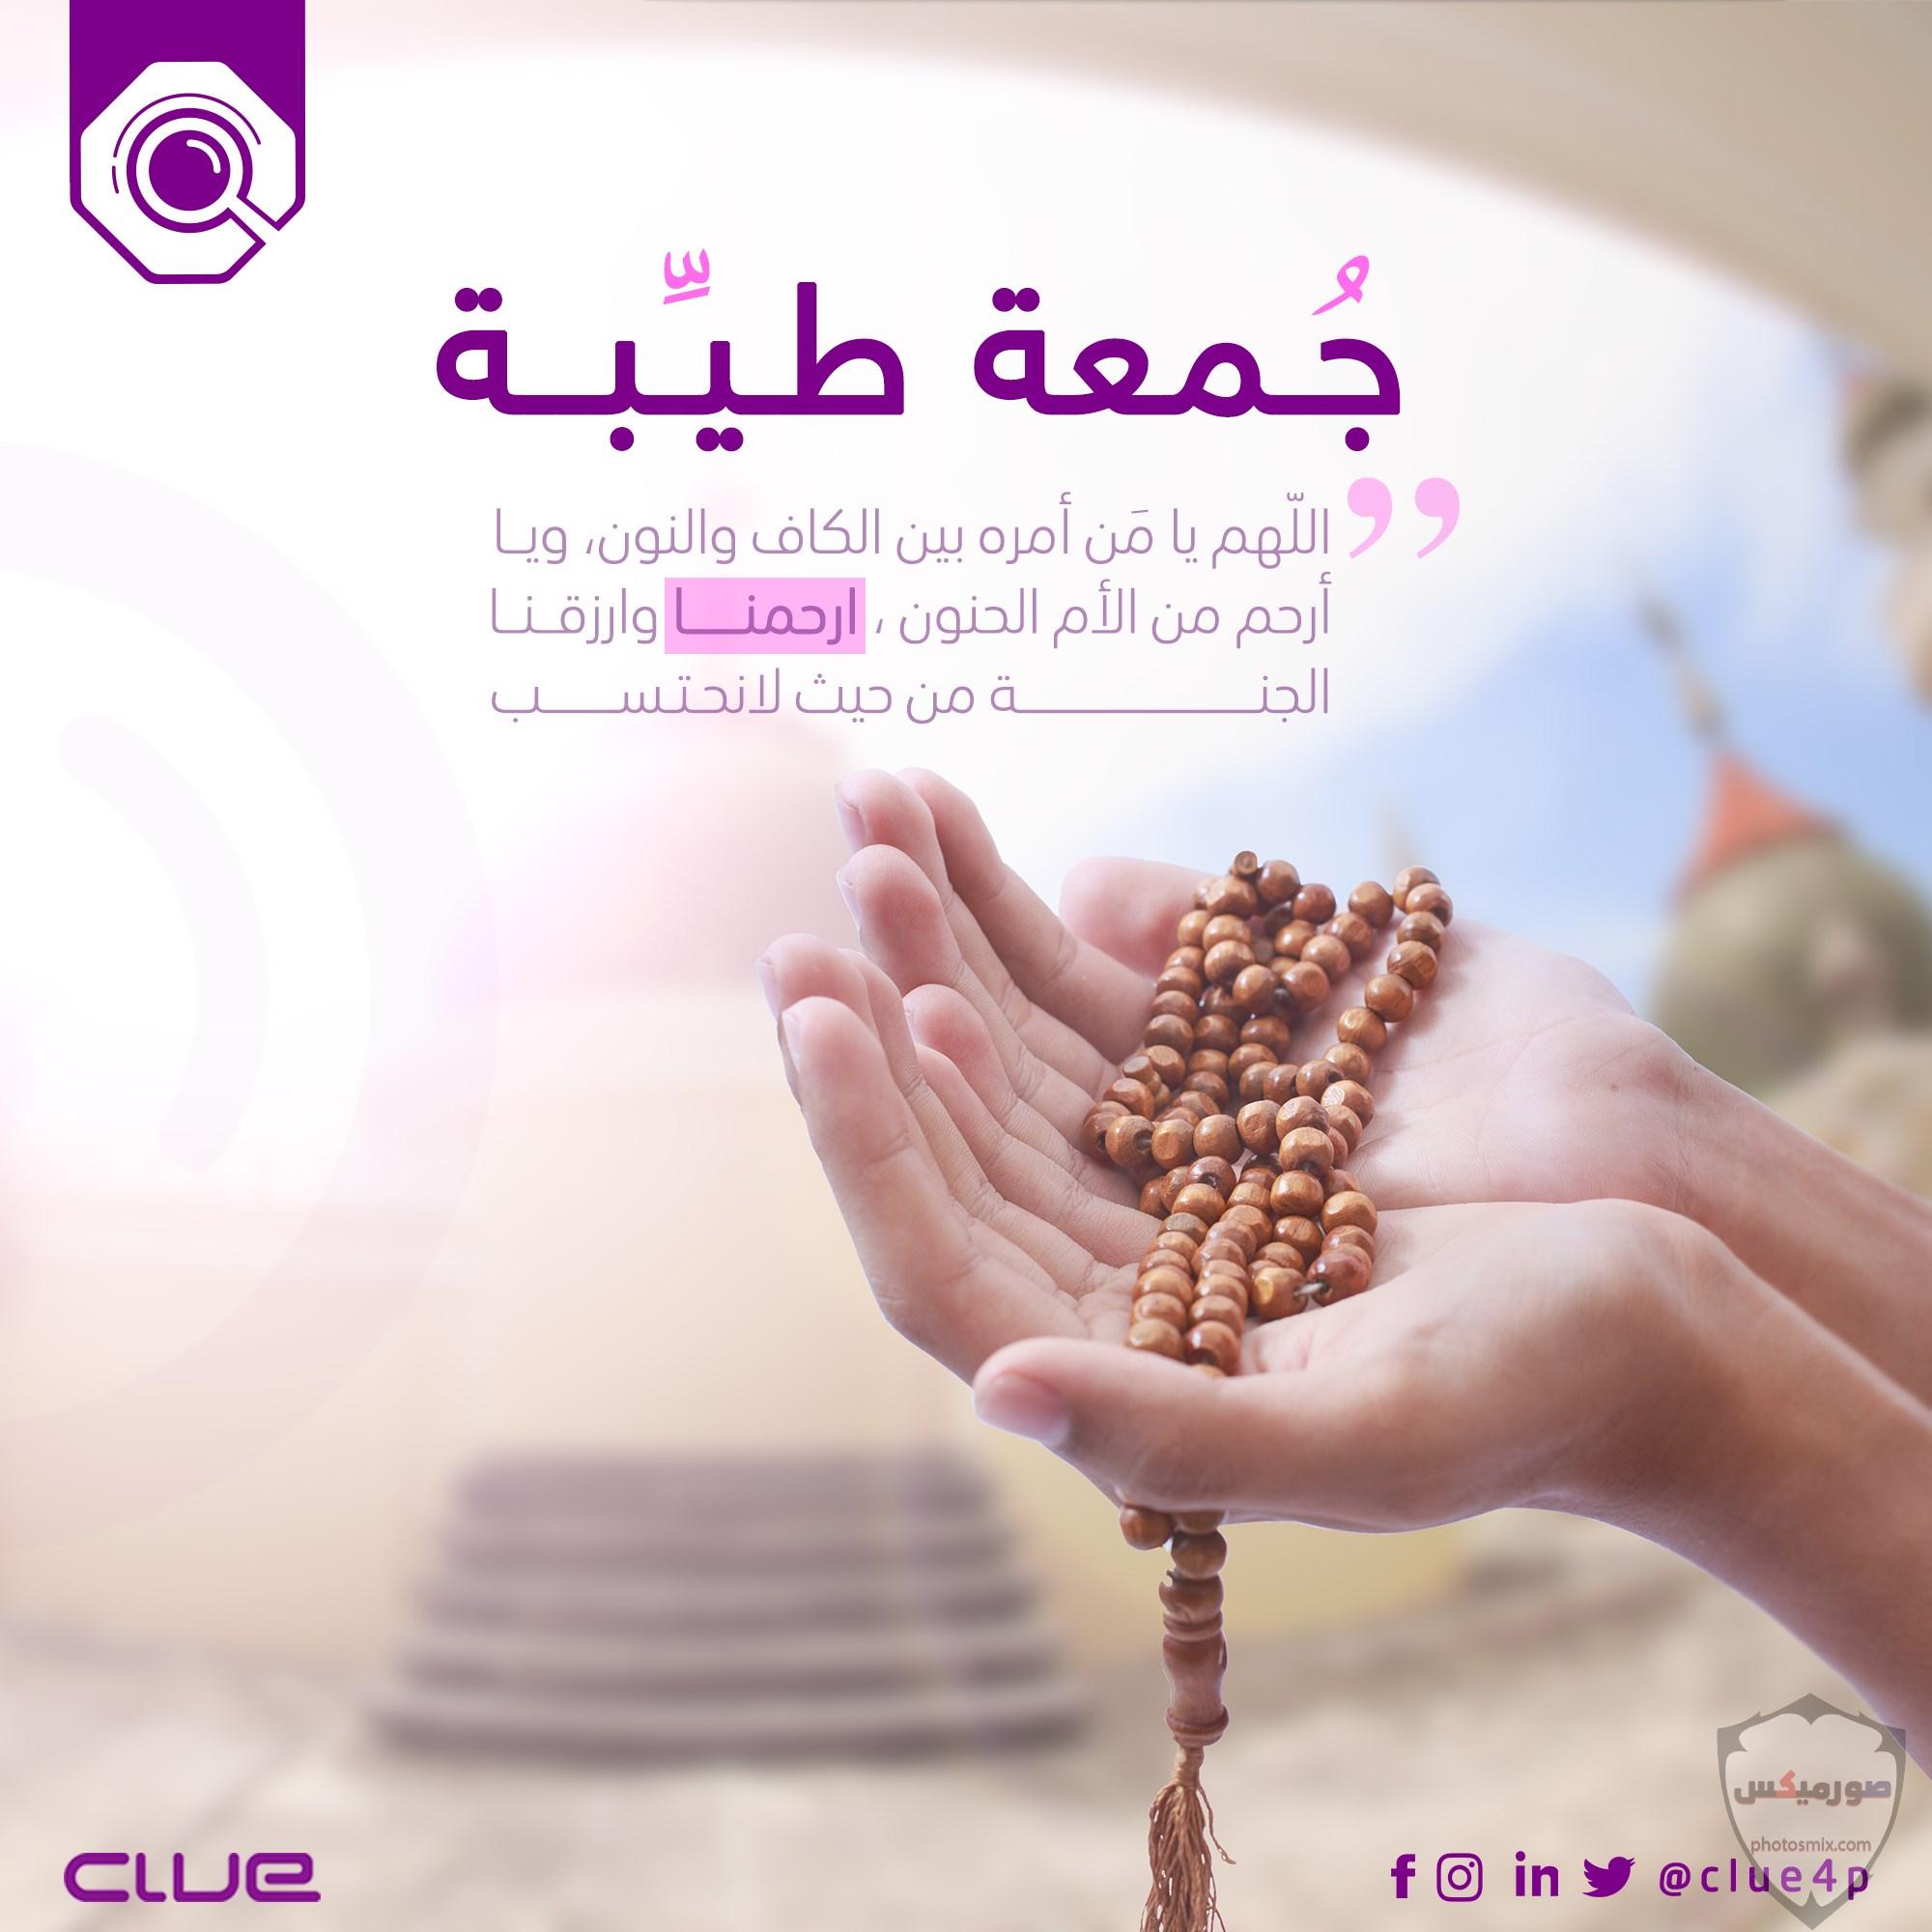 جمعة مباركة صور جمعة مباركه 2020 ادعية يوم الجمعه مصورة مكتوب عليها جمعة مباركة 1